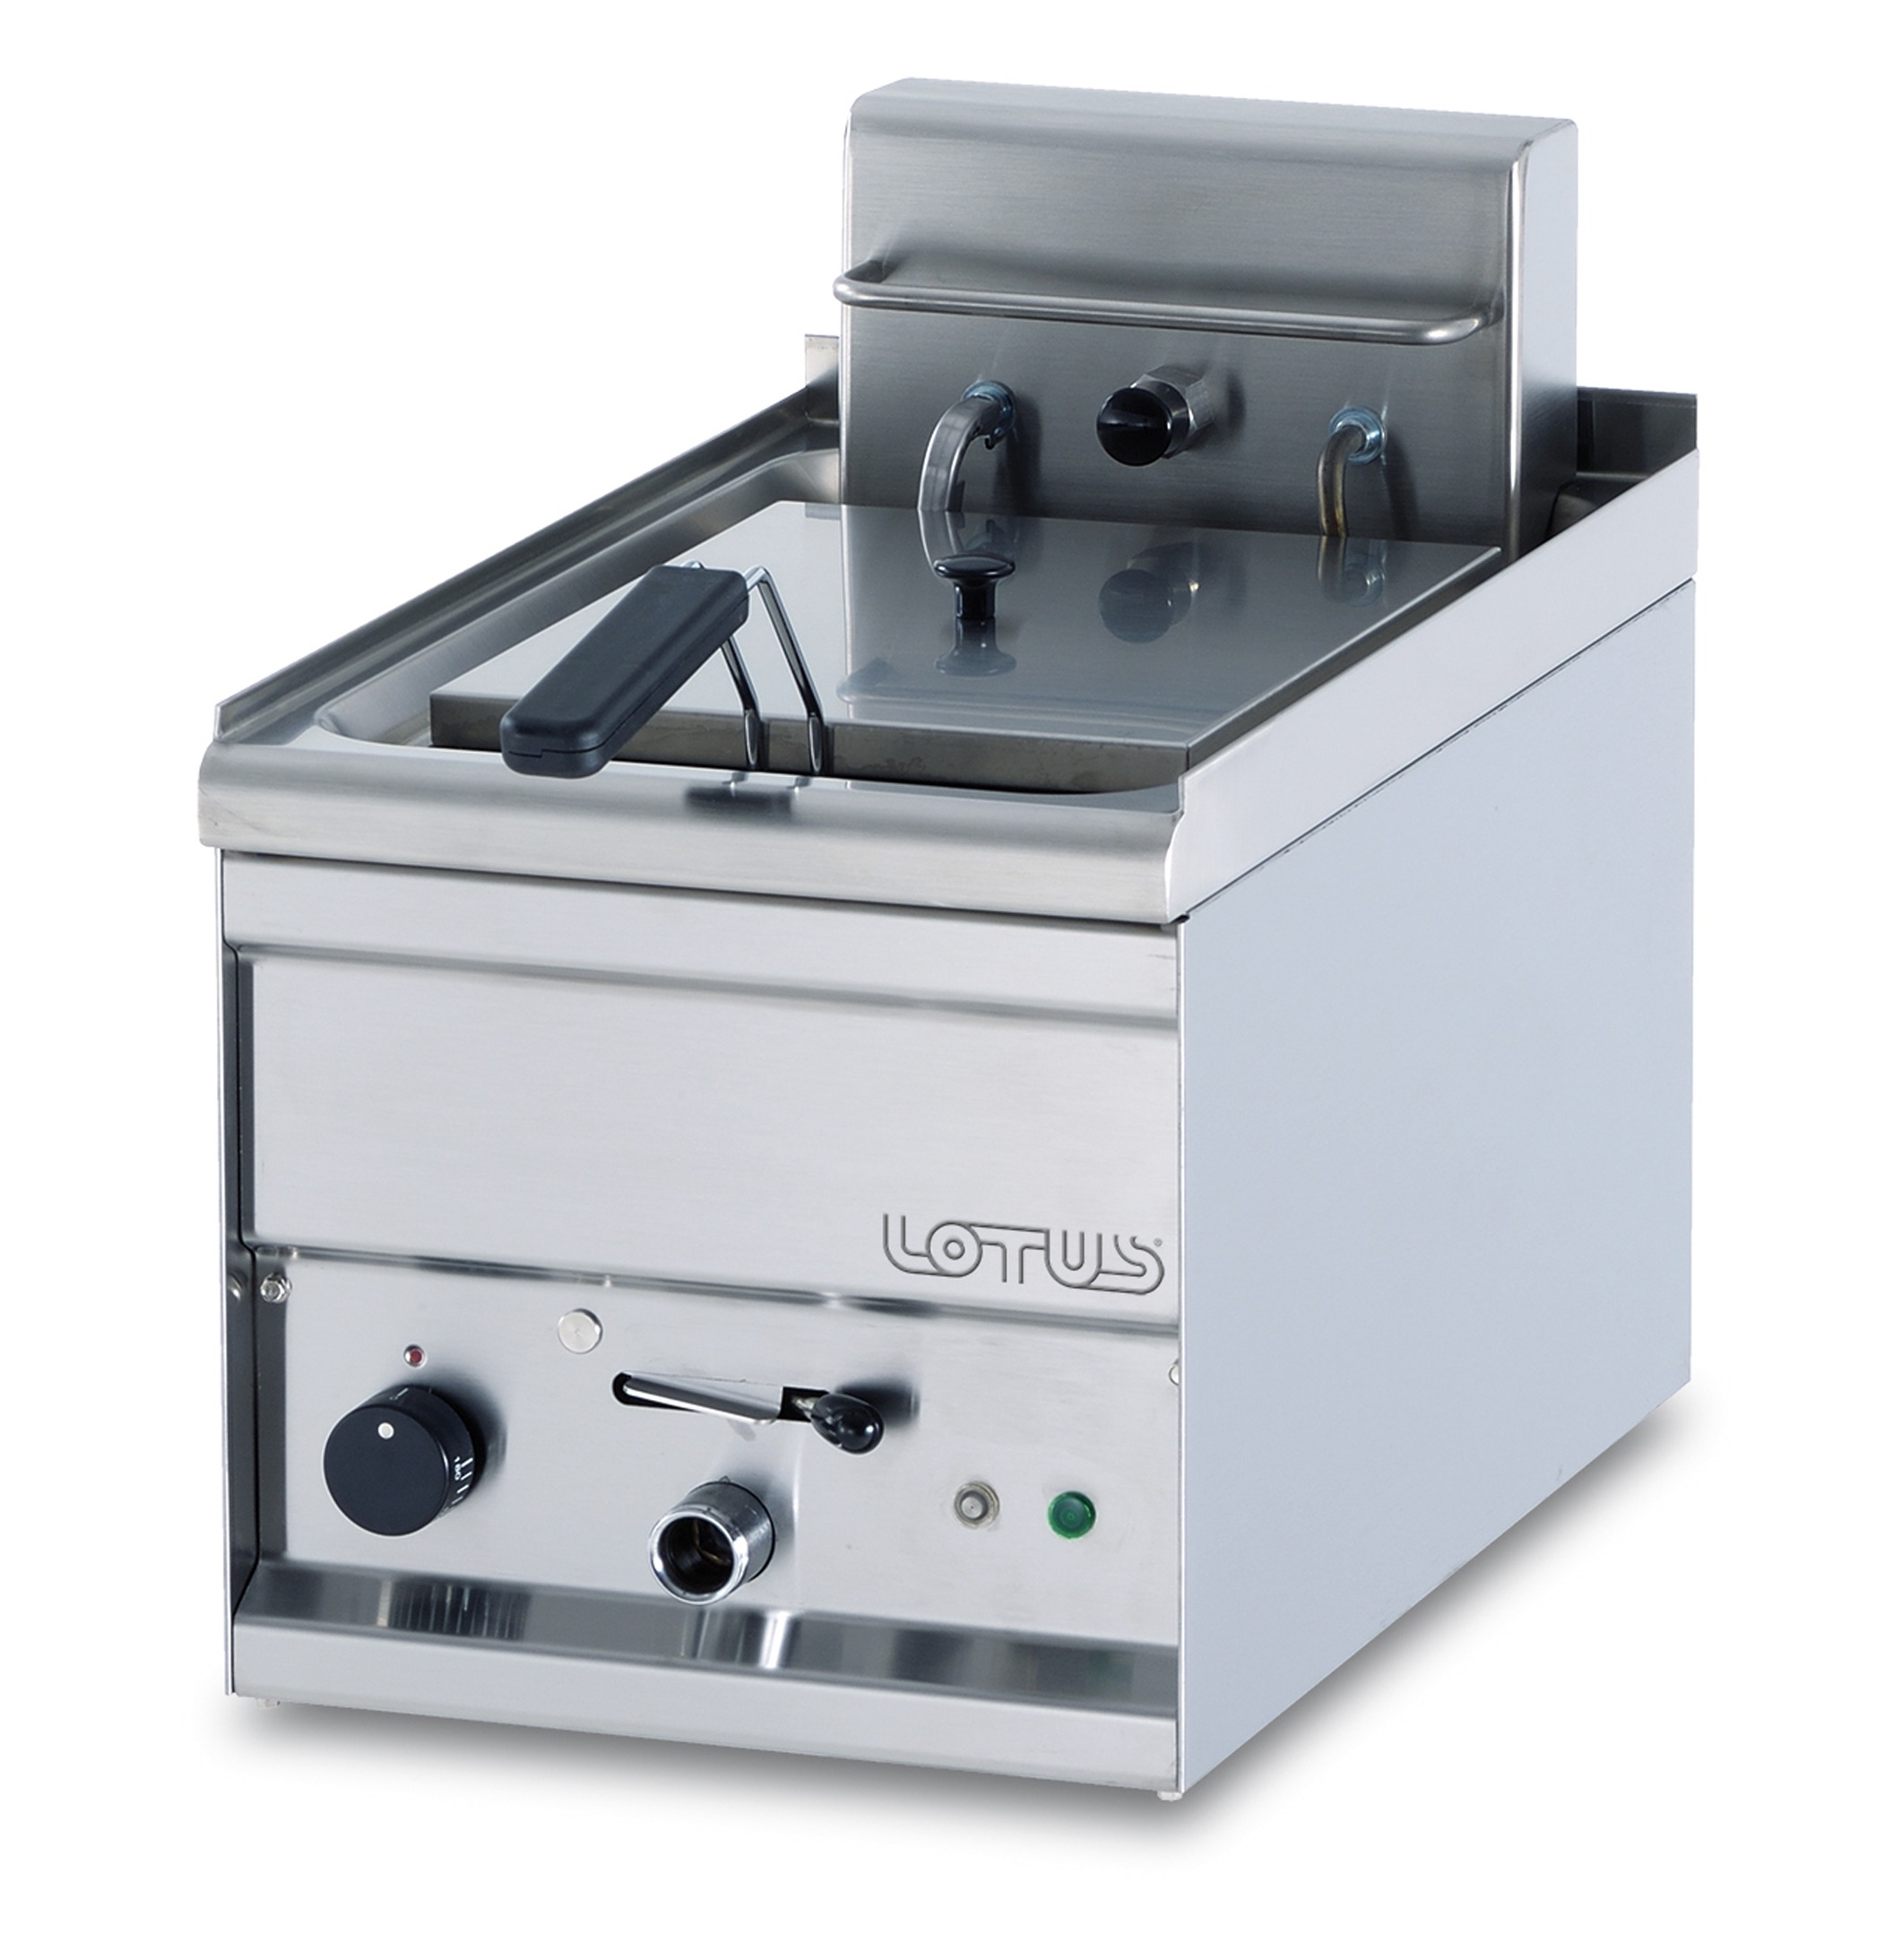 Lotus 50 snack friggitrici elettriche for Friggitrice piccola